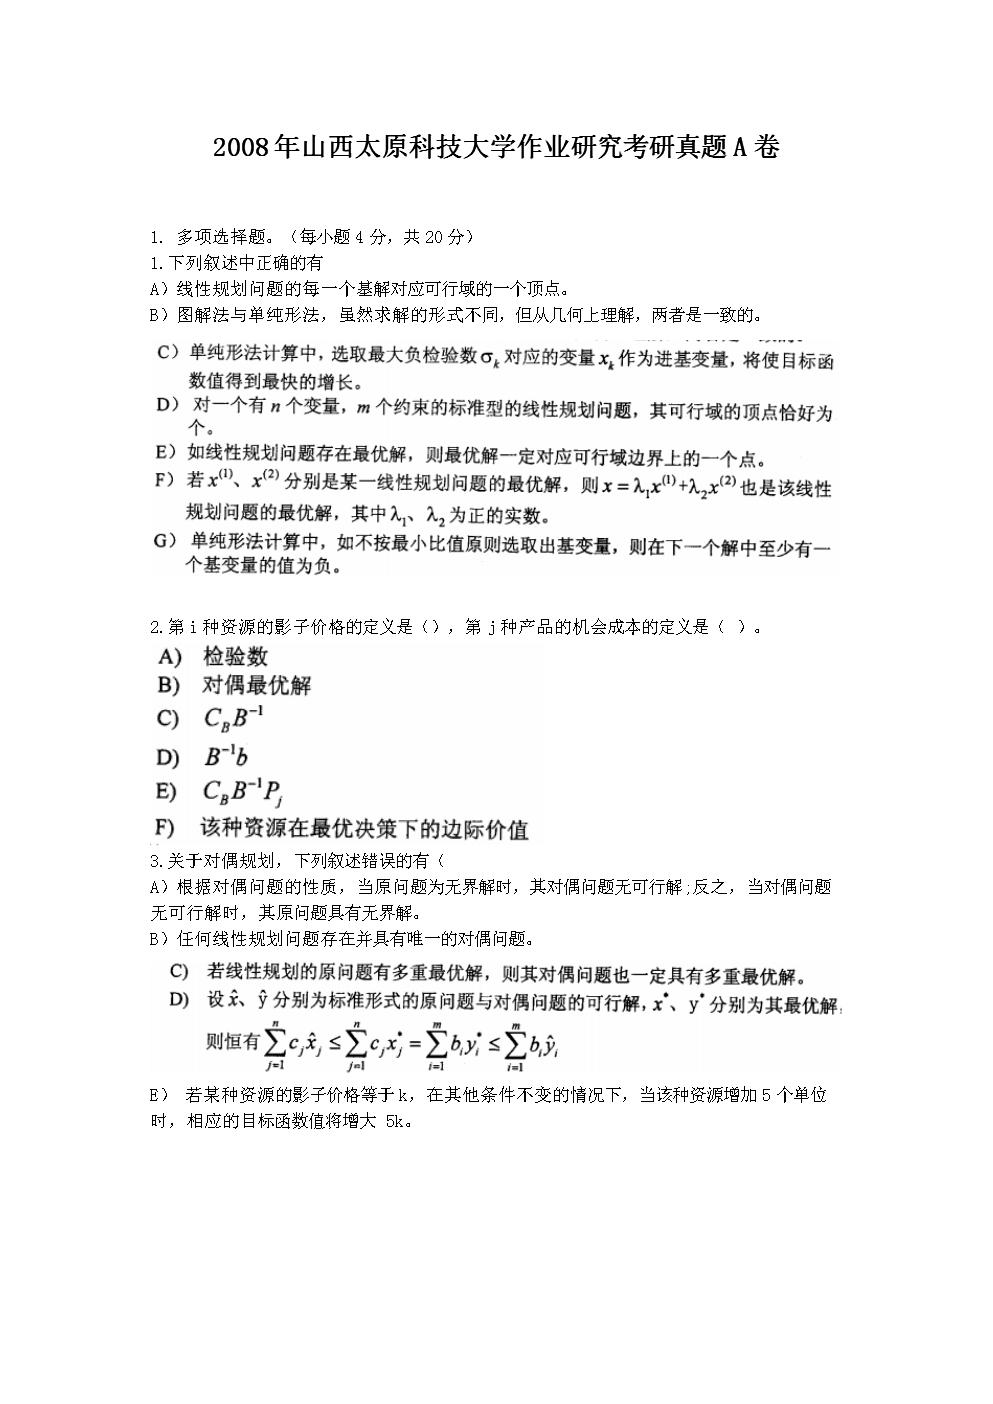 2008年山西太原科技大学作业研究考研真题A卷.doc